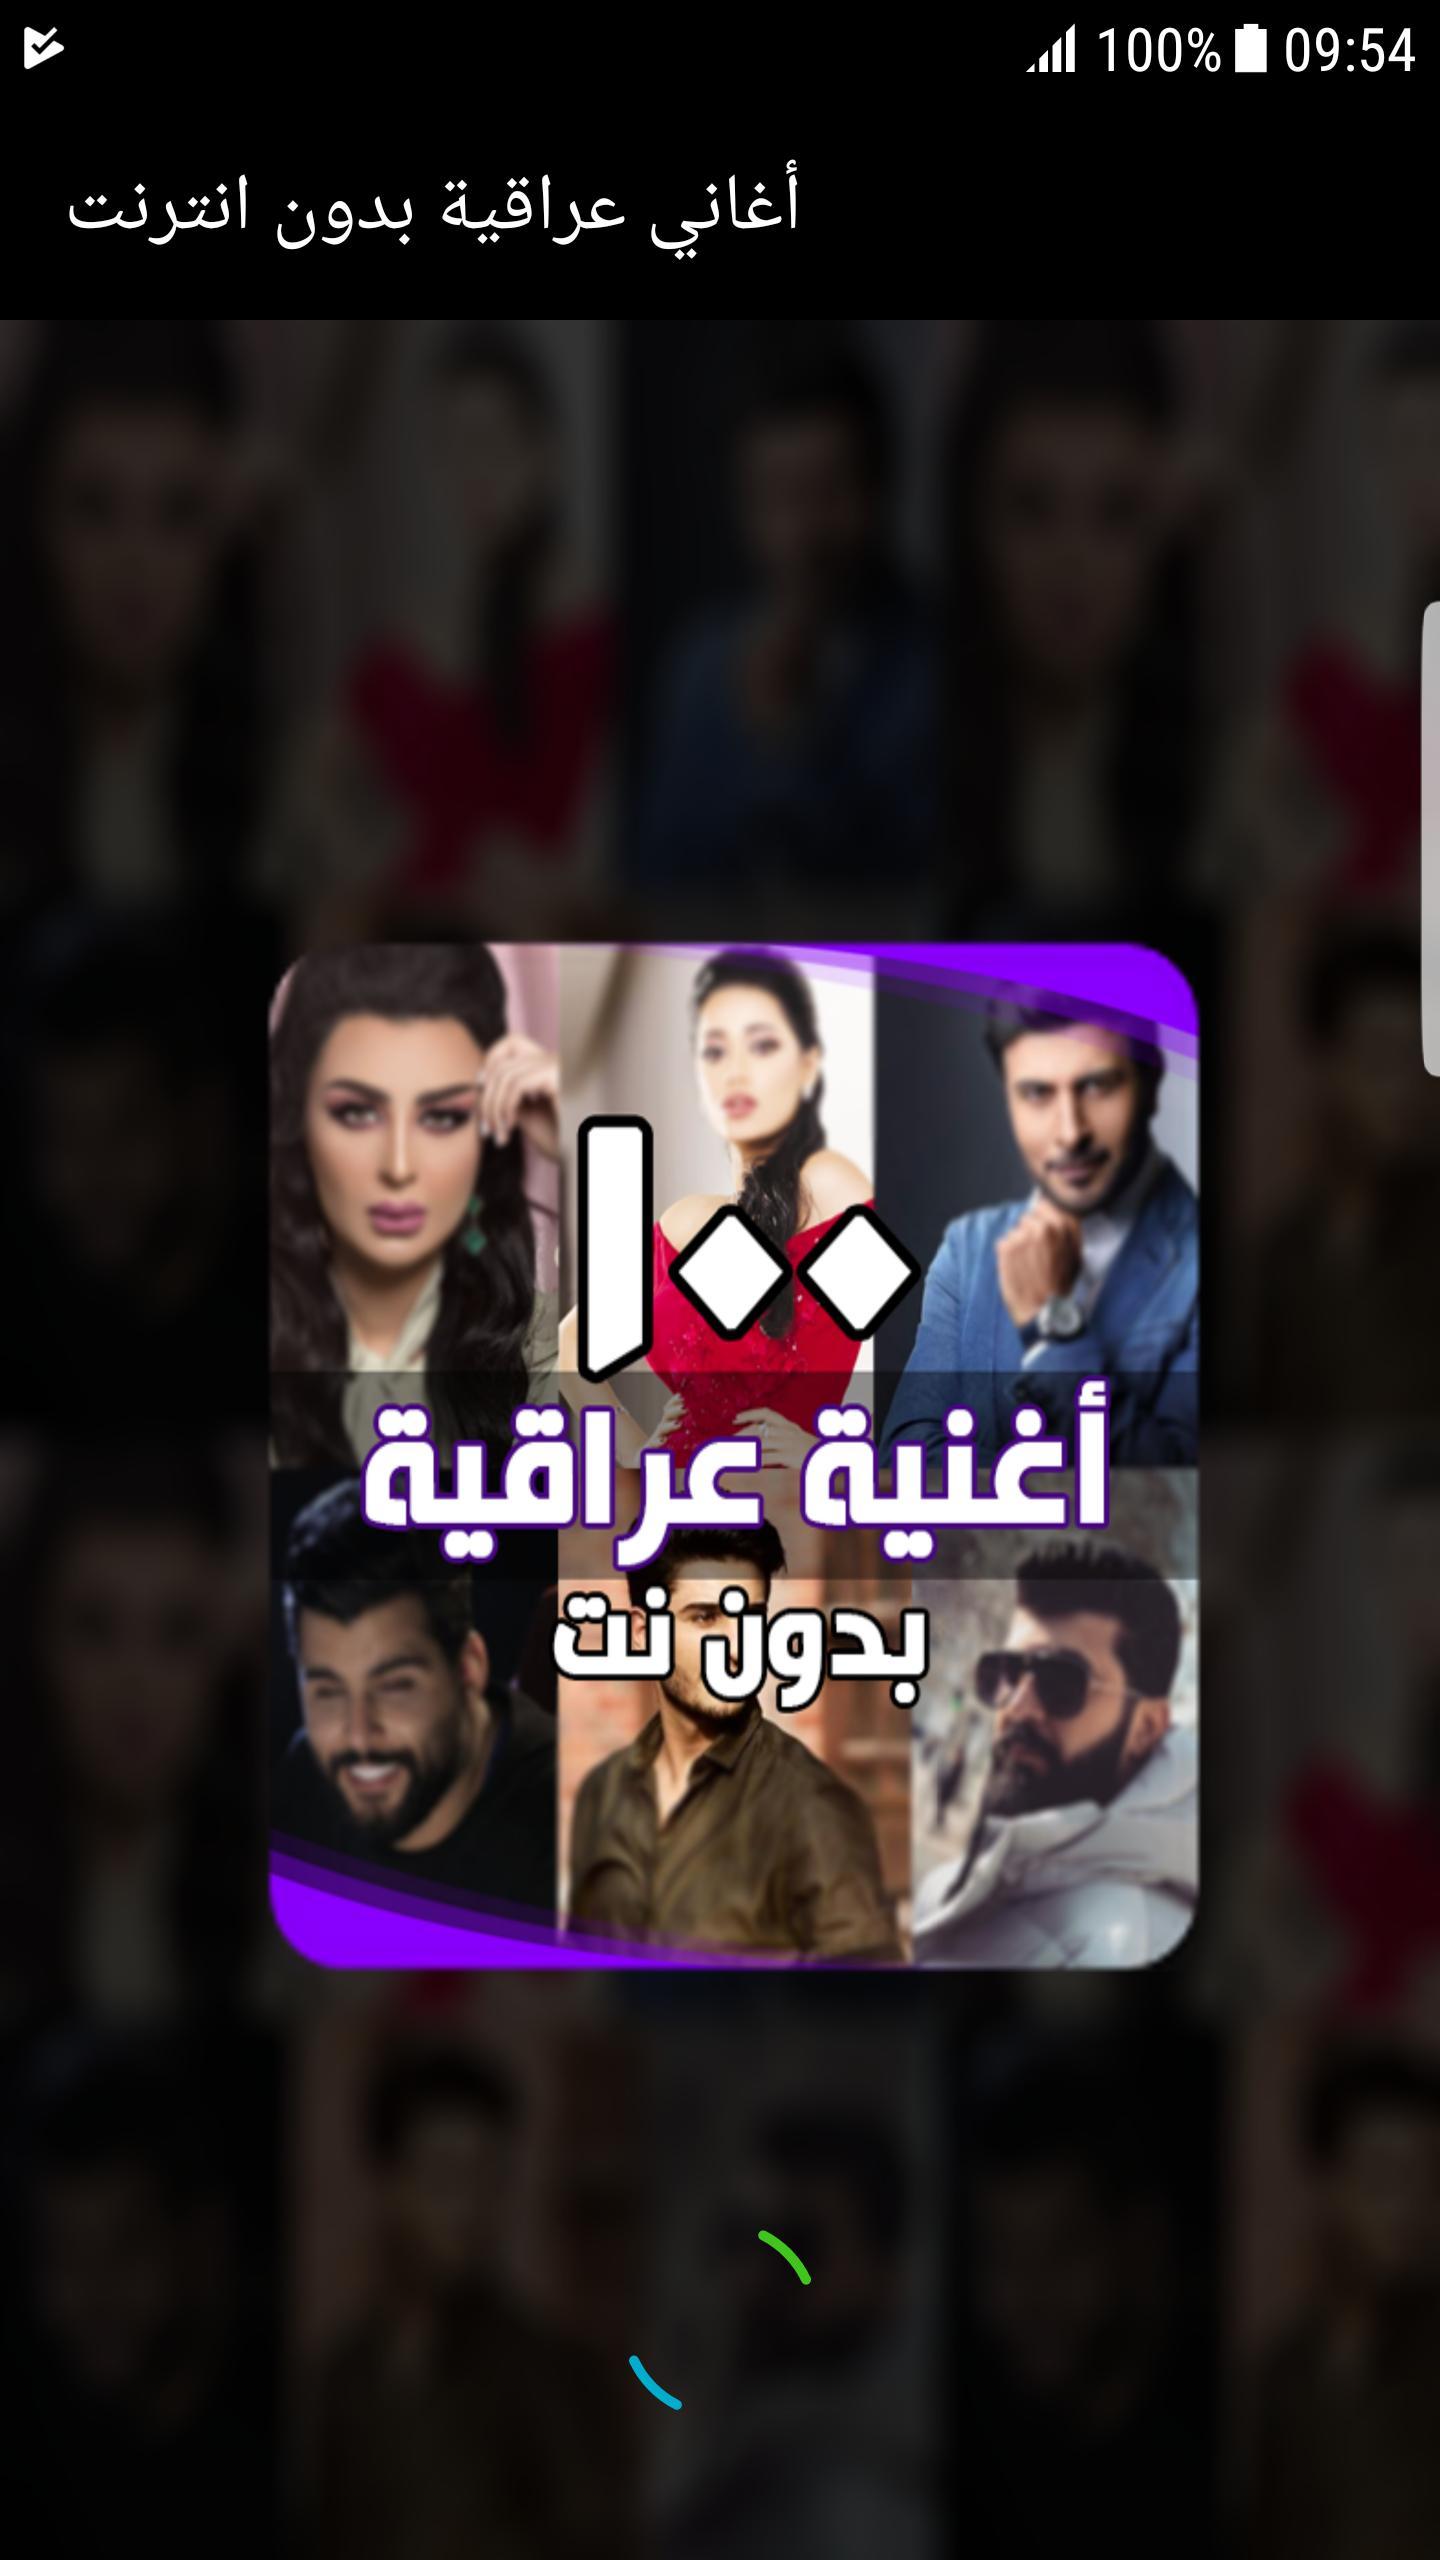 اغاني عراقية بدون انترنت اكثر من 100 اغنية For Android Apk Download